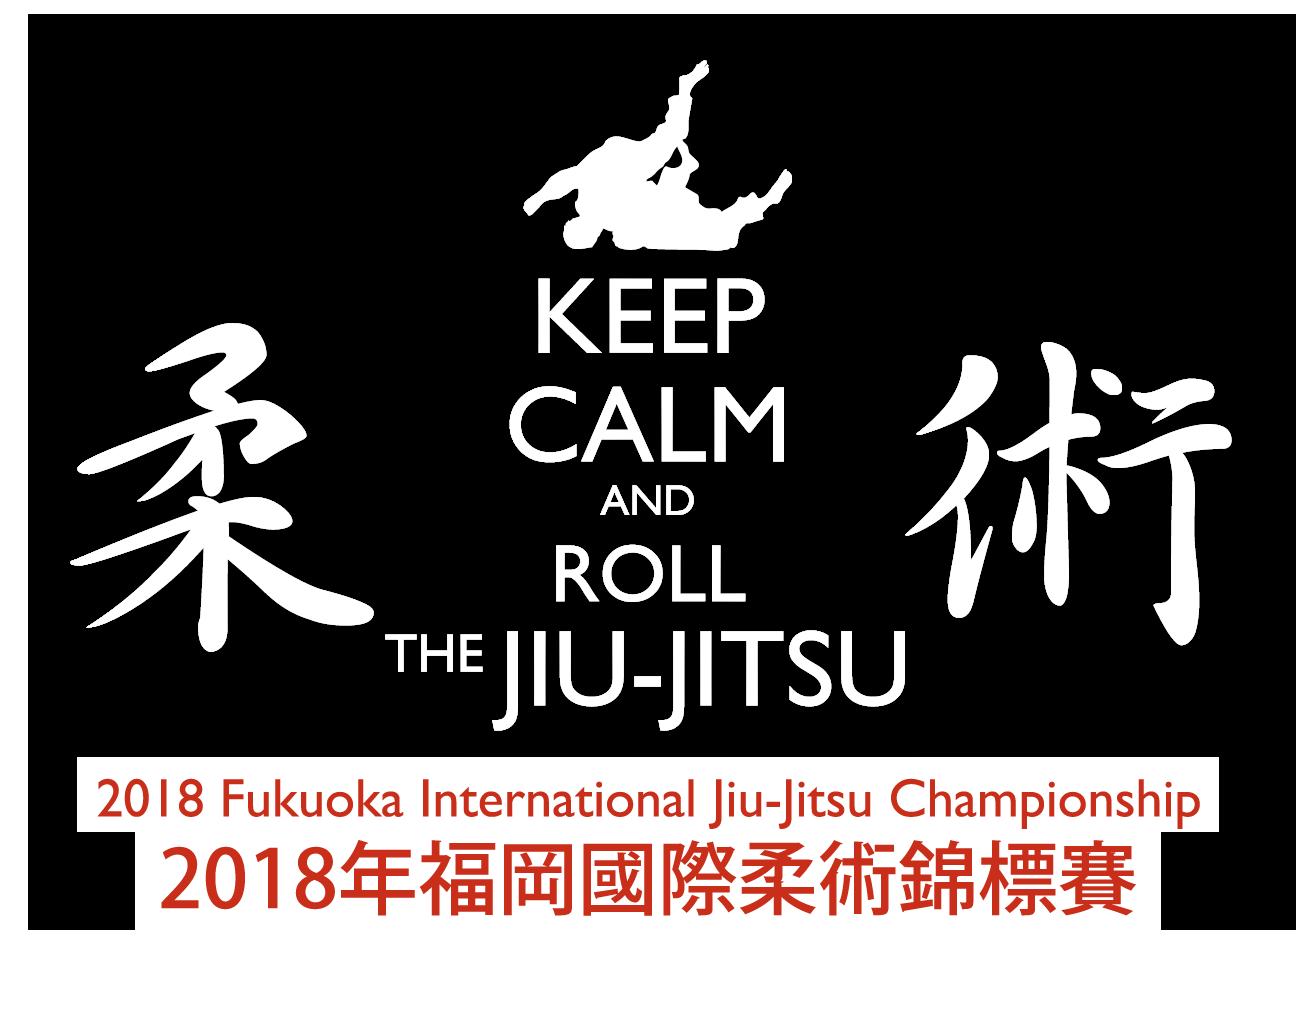 2018年福岡國際柔術錦標賽